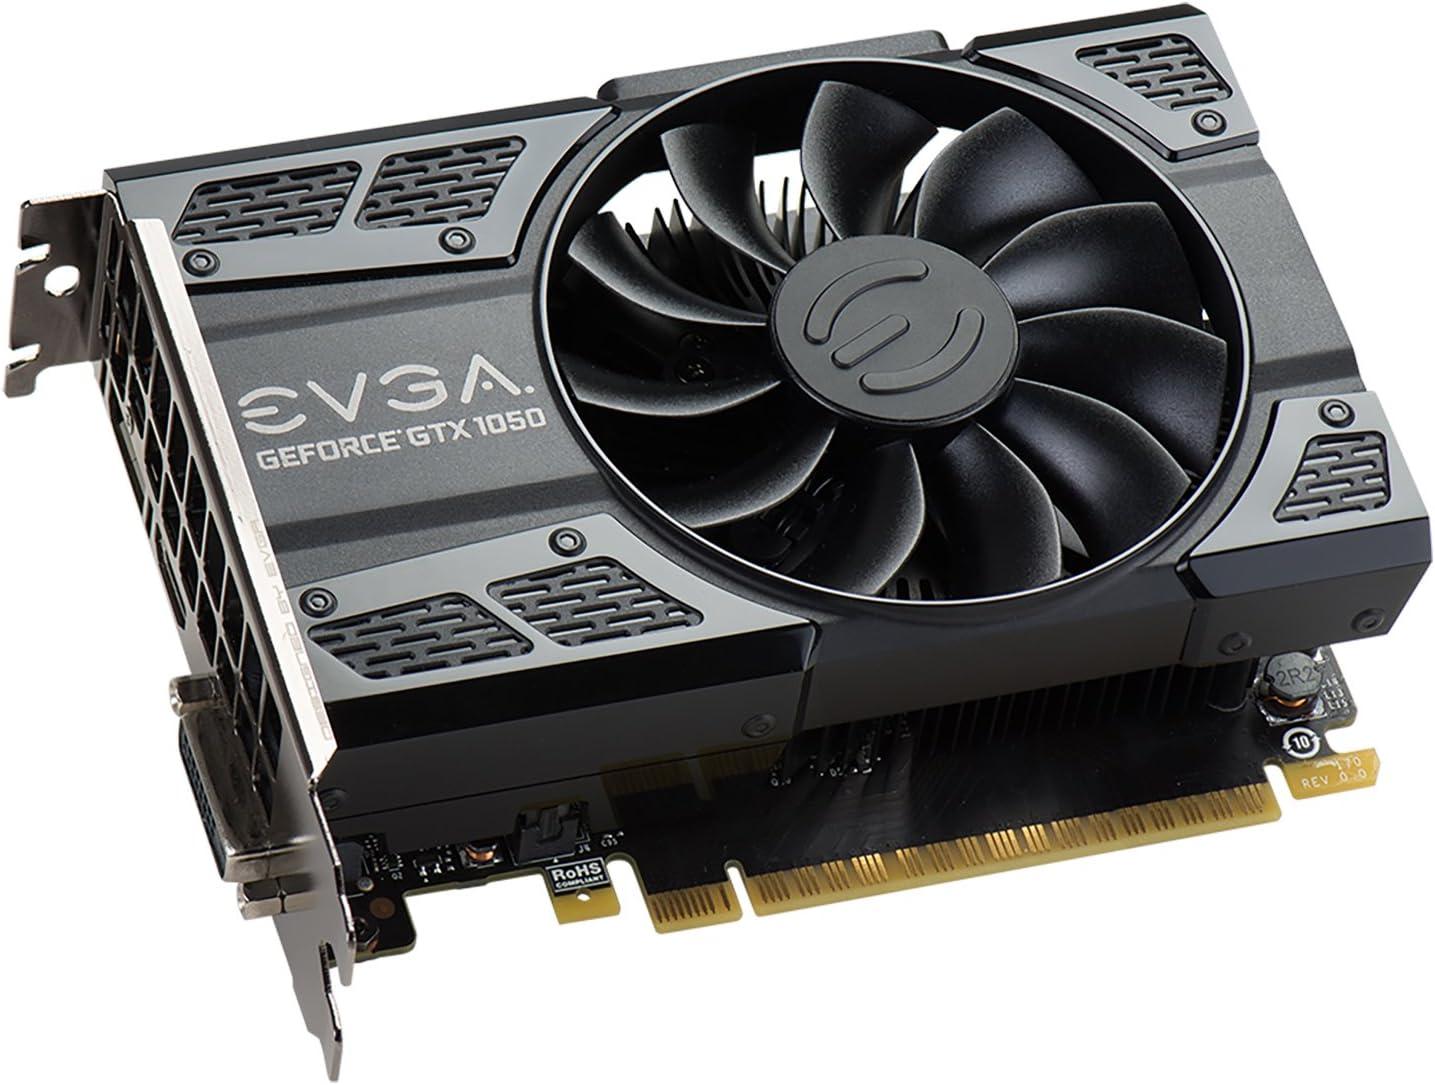 Amazon.com: EVGA GeForce GTX 1050 Gaming, 2GB GDDR5, DX12 ...